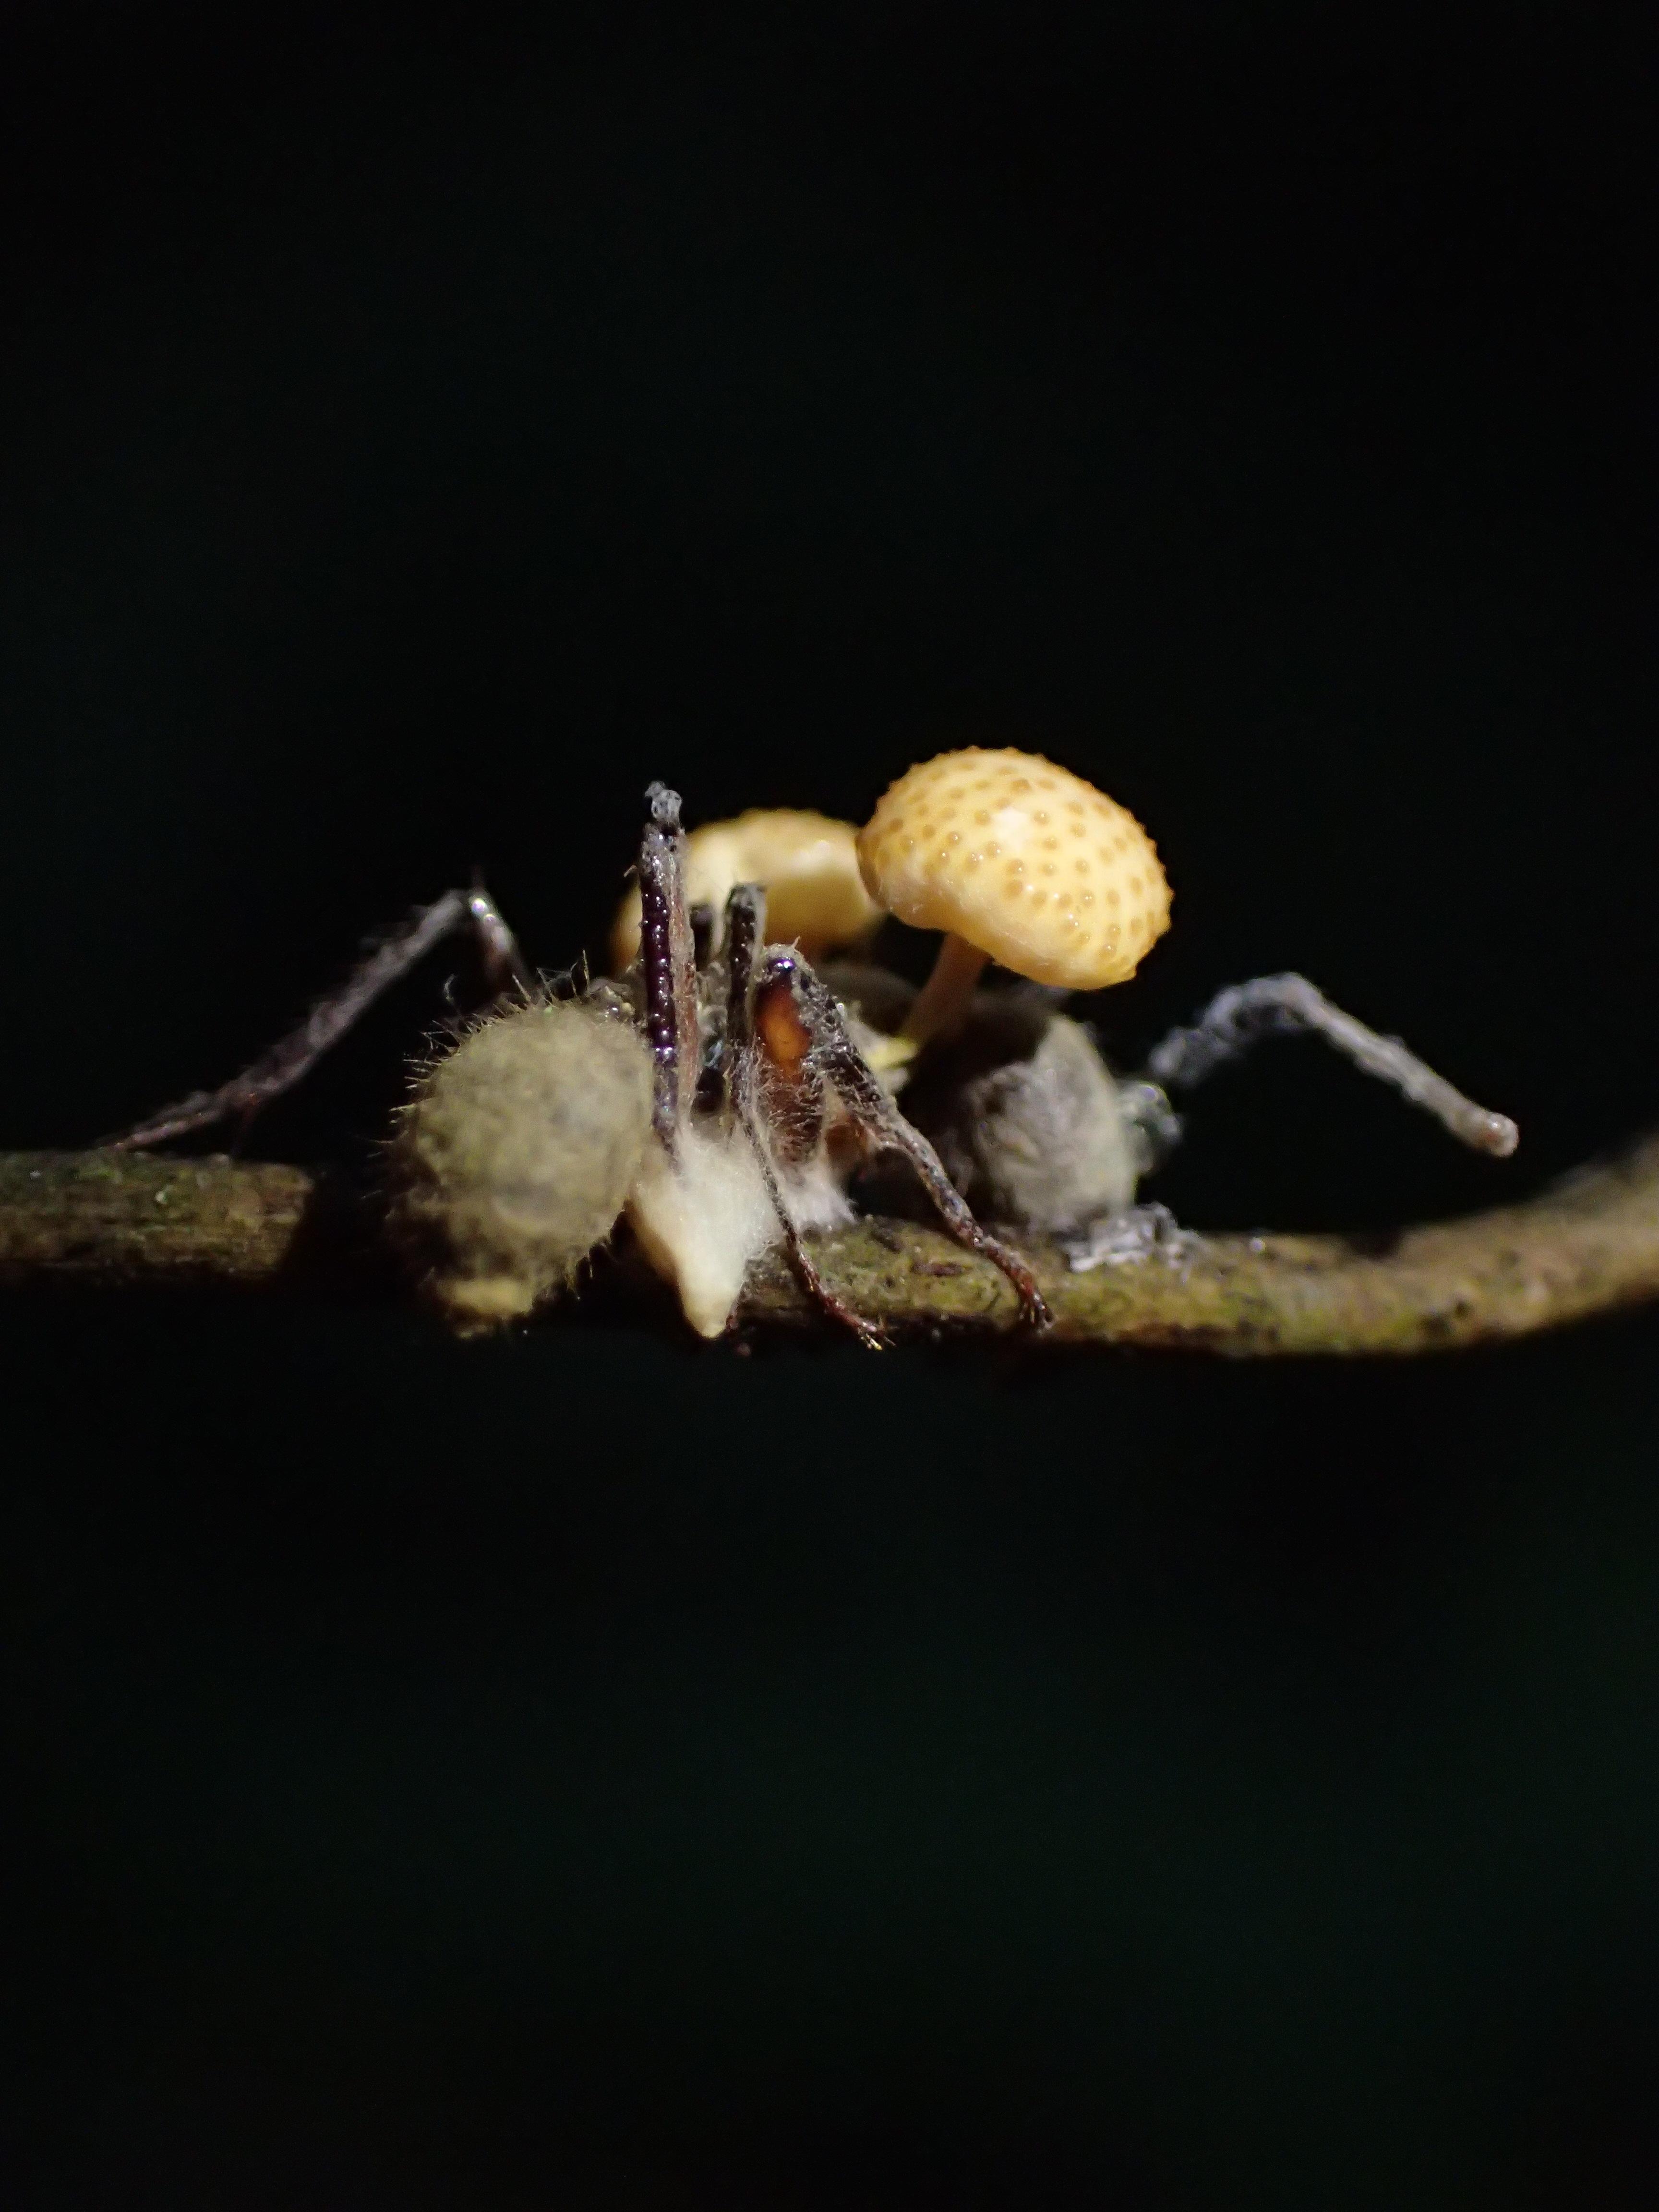 Ophiocordyceps lloydii var. binata image